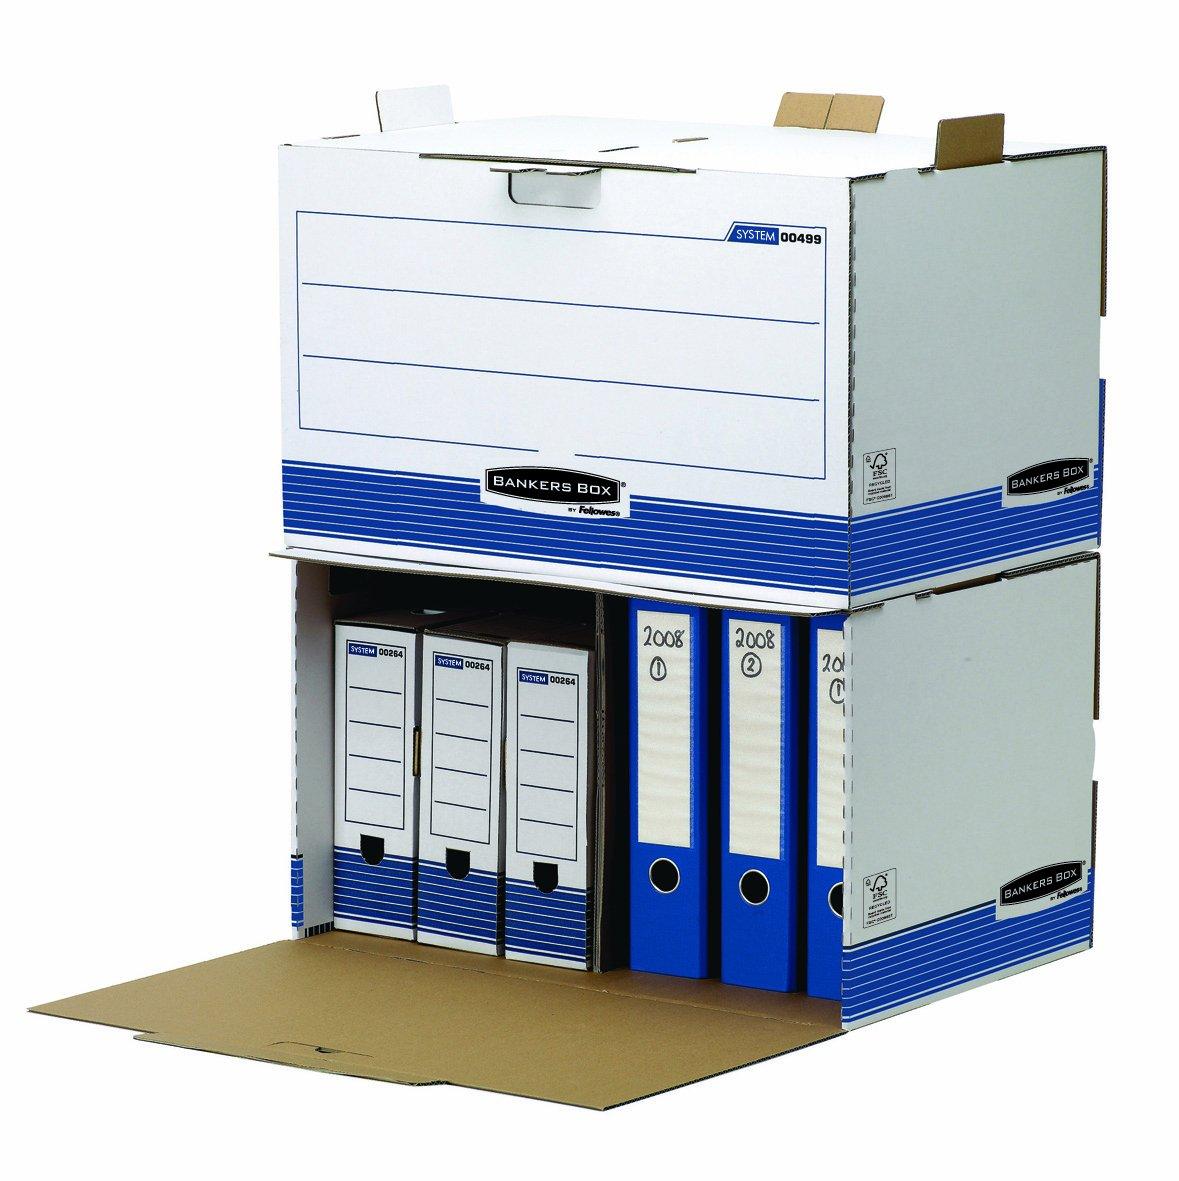 Bankers Box 0023702 R-Kive Prima Scatola Archivio Legal, 6 Pezzi Fellowes